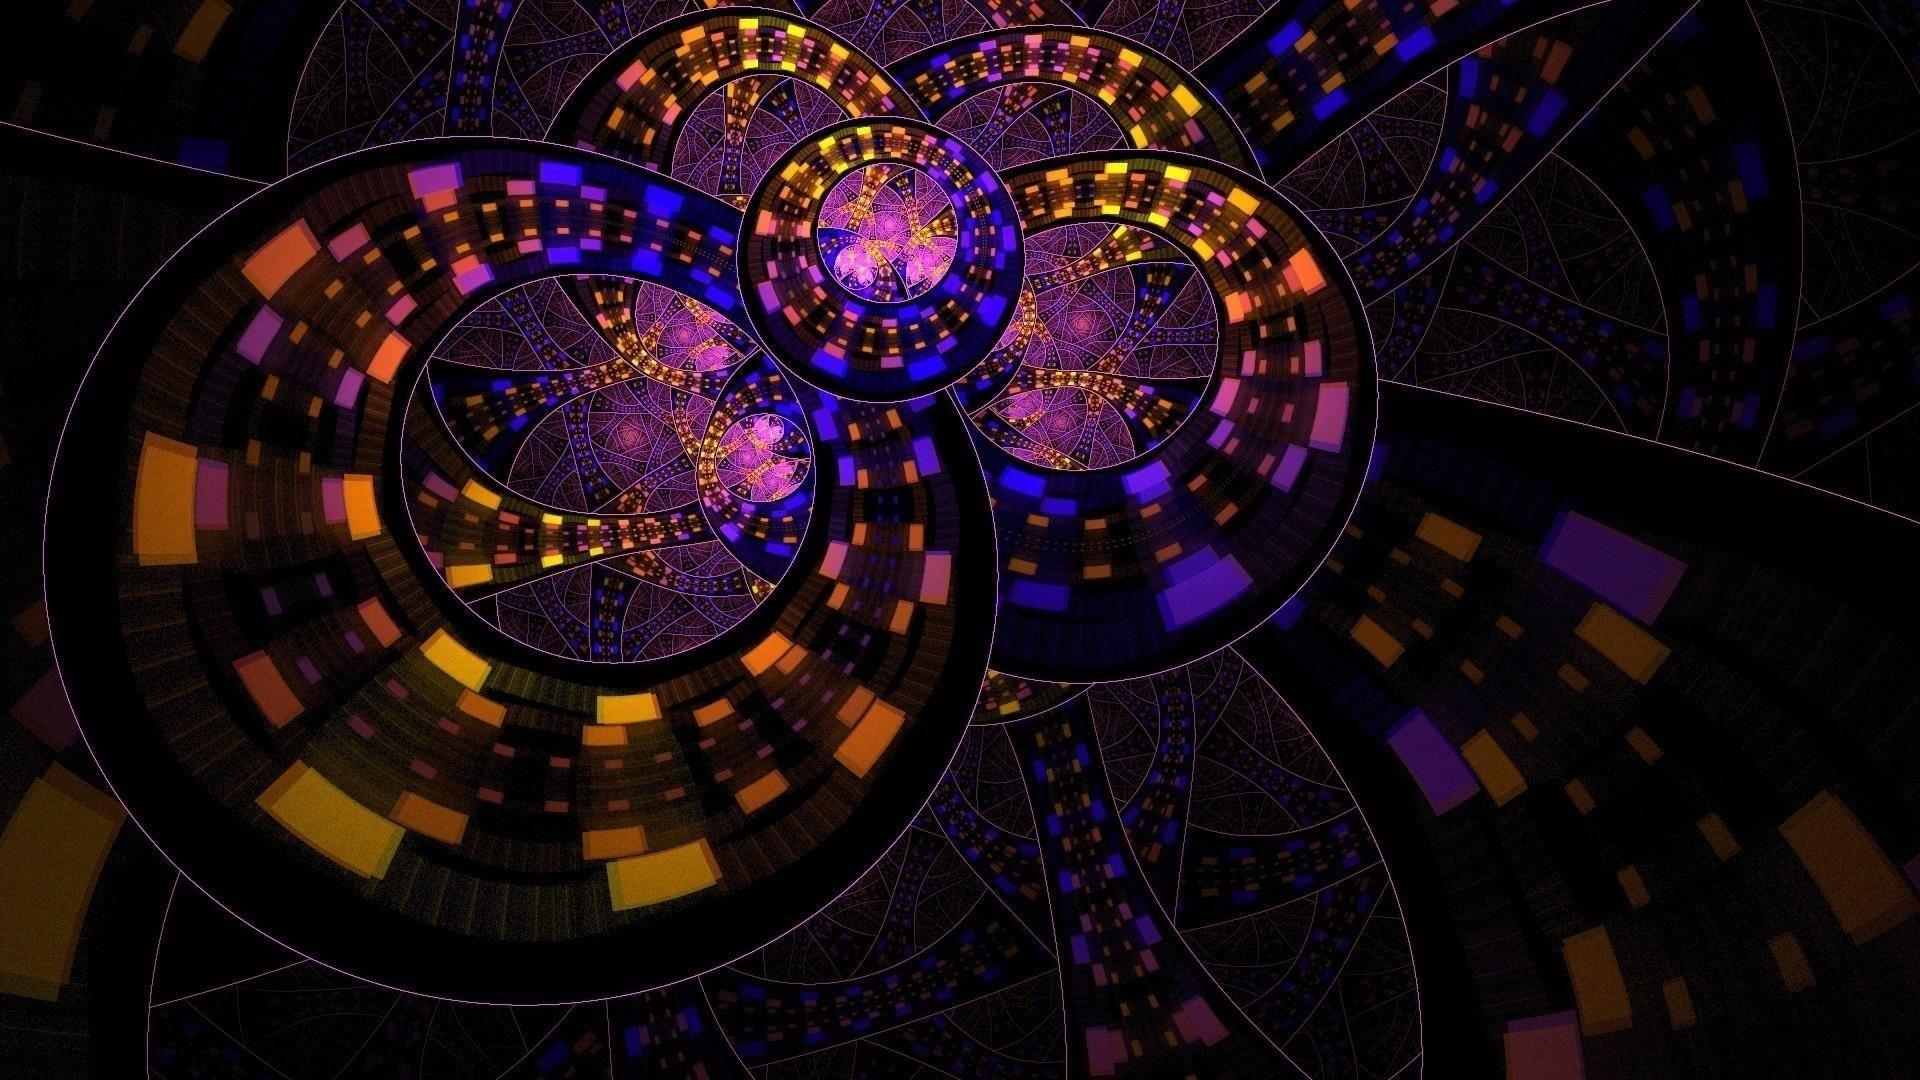 Красочный круг кольцо абстракция абстракция обои скачать